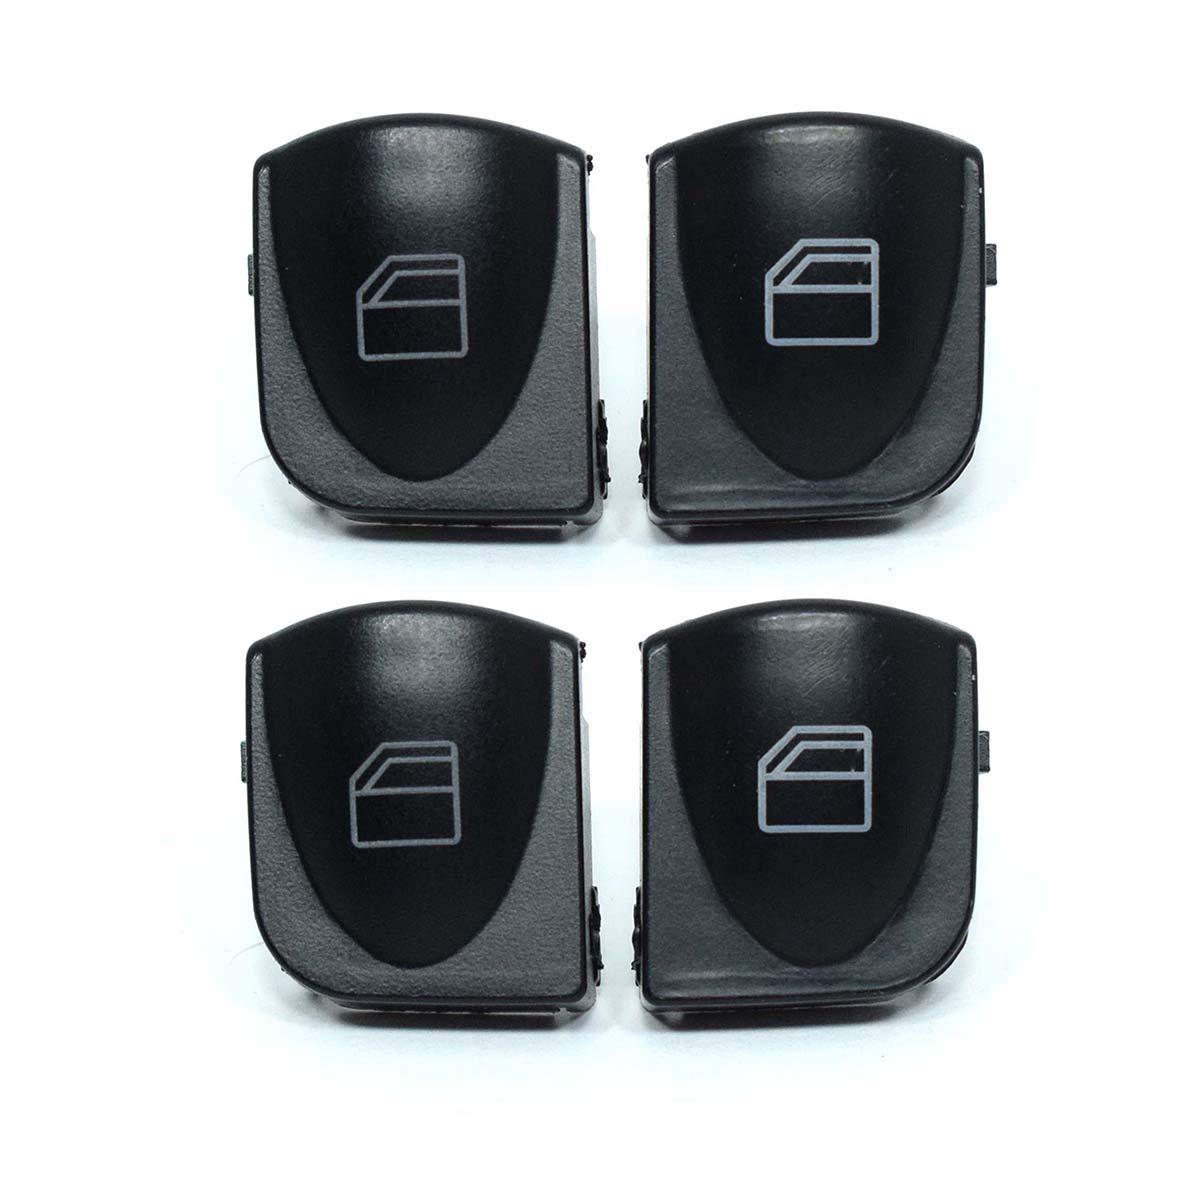 4X Vorne Links Rechts Fensterheber Schalter Knopf Taste Tasten Taster Fensterheberschalter